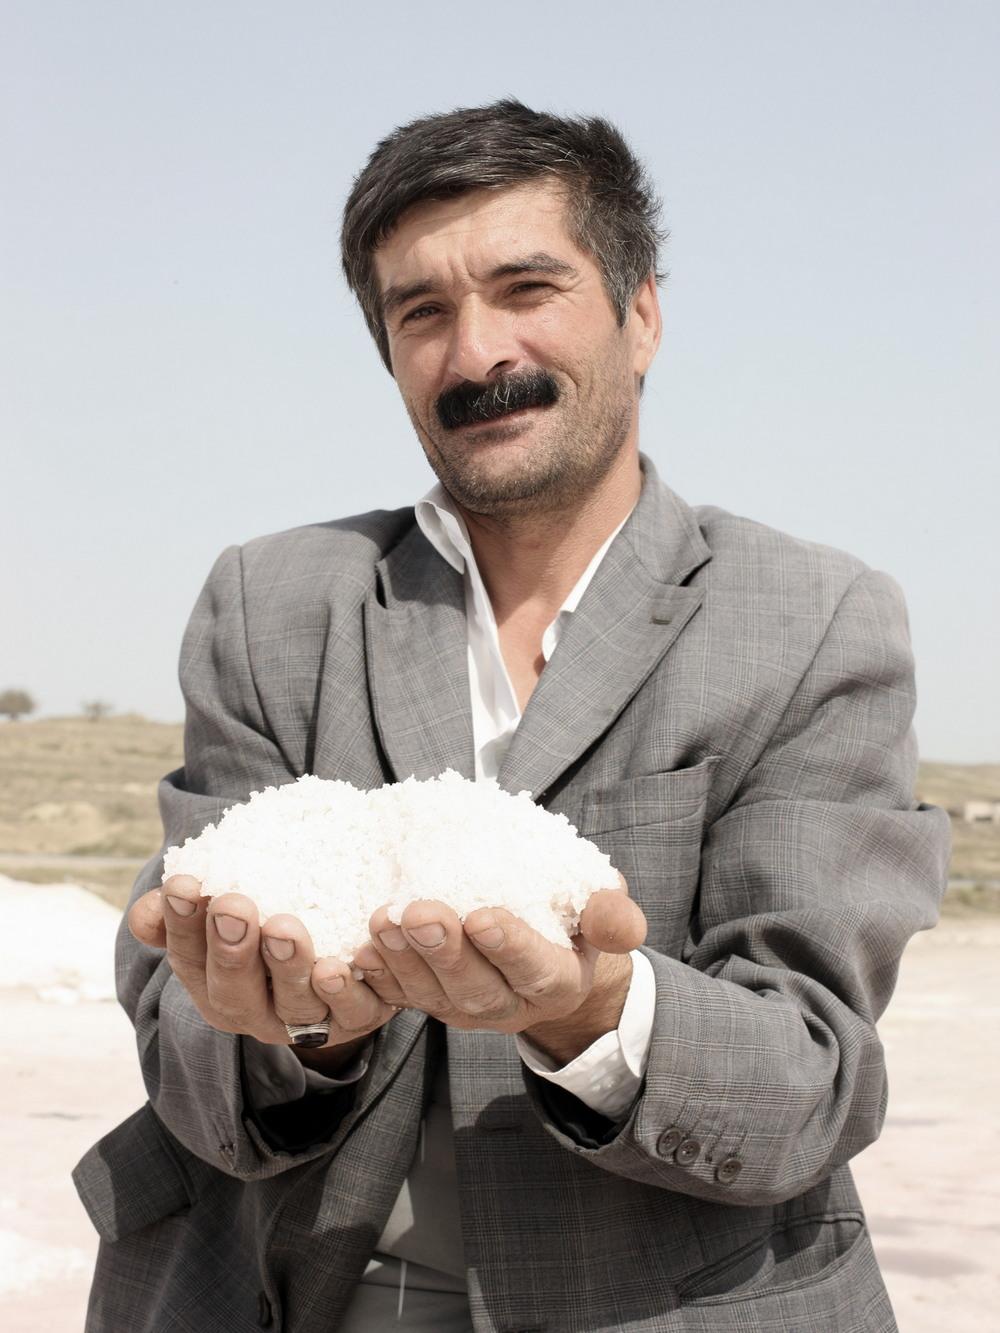 Азербайджанские рабочие нефте- и соледобывающей отрасли